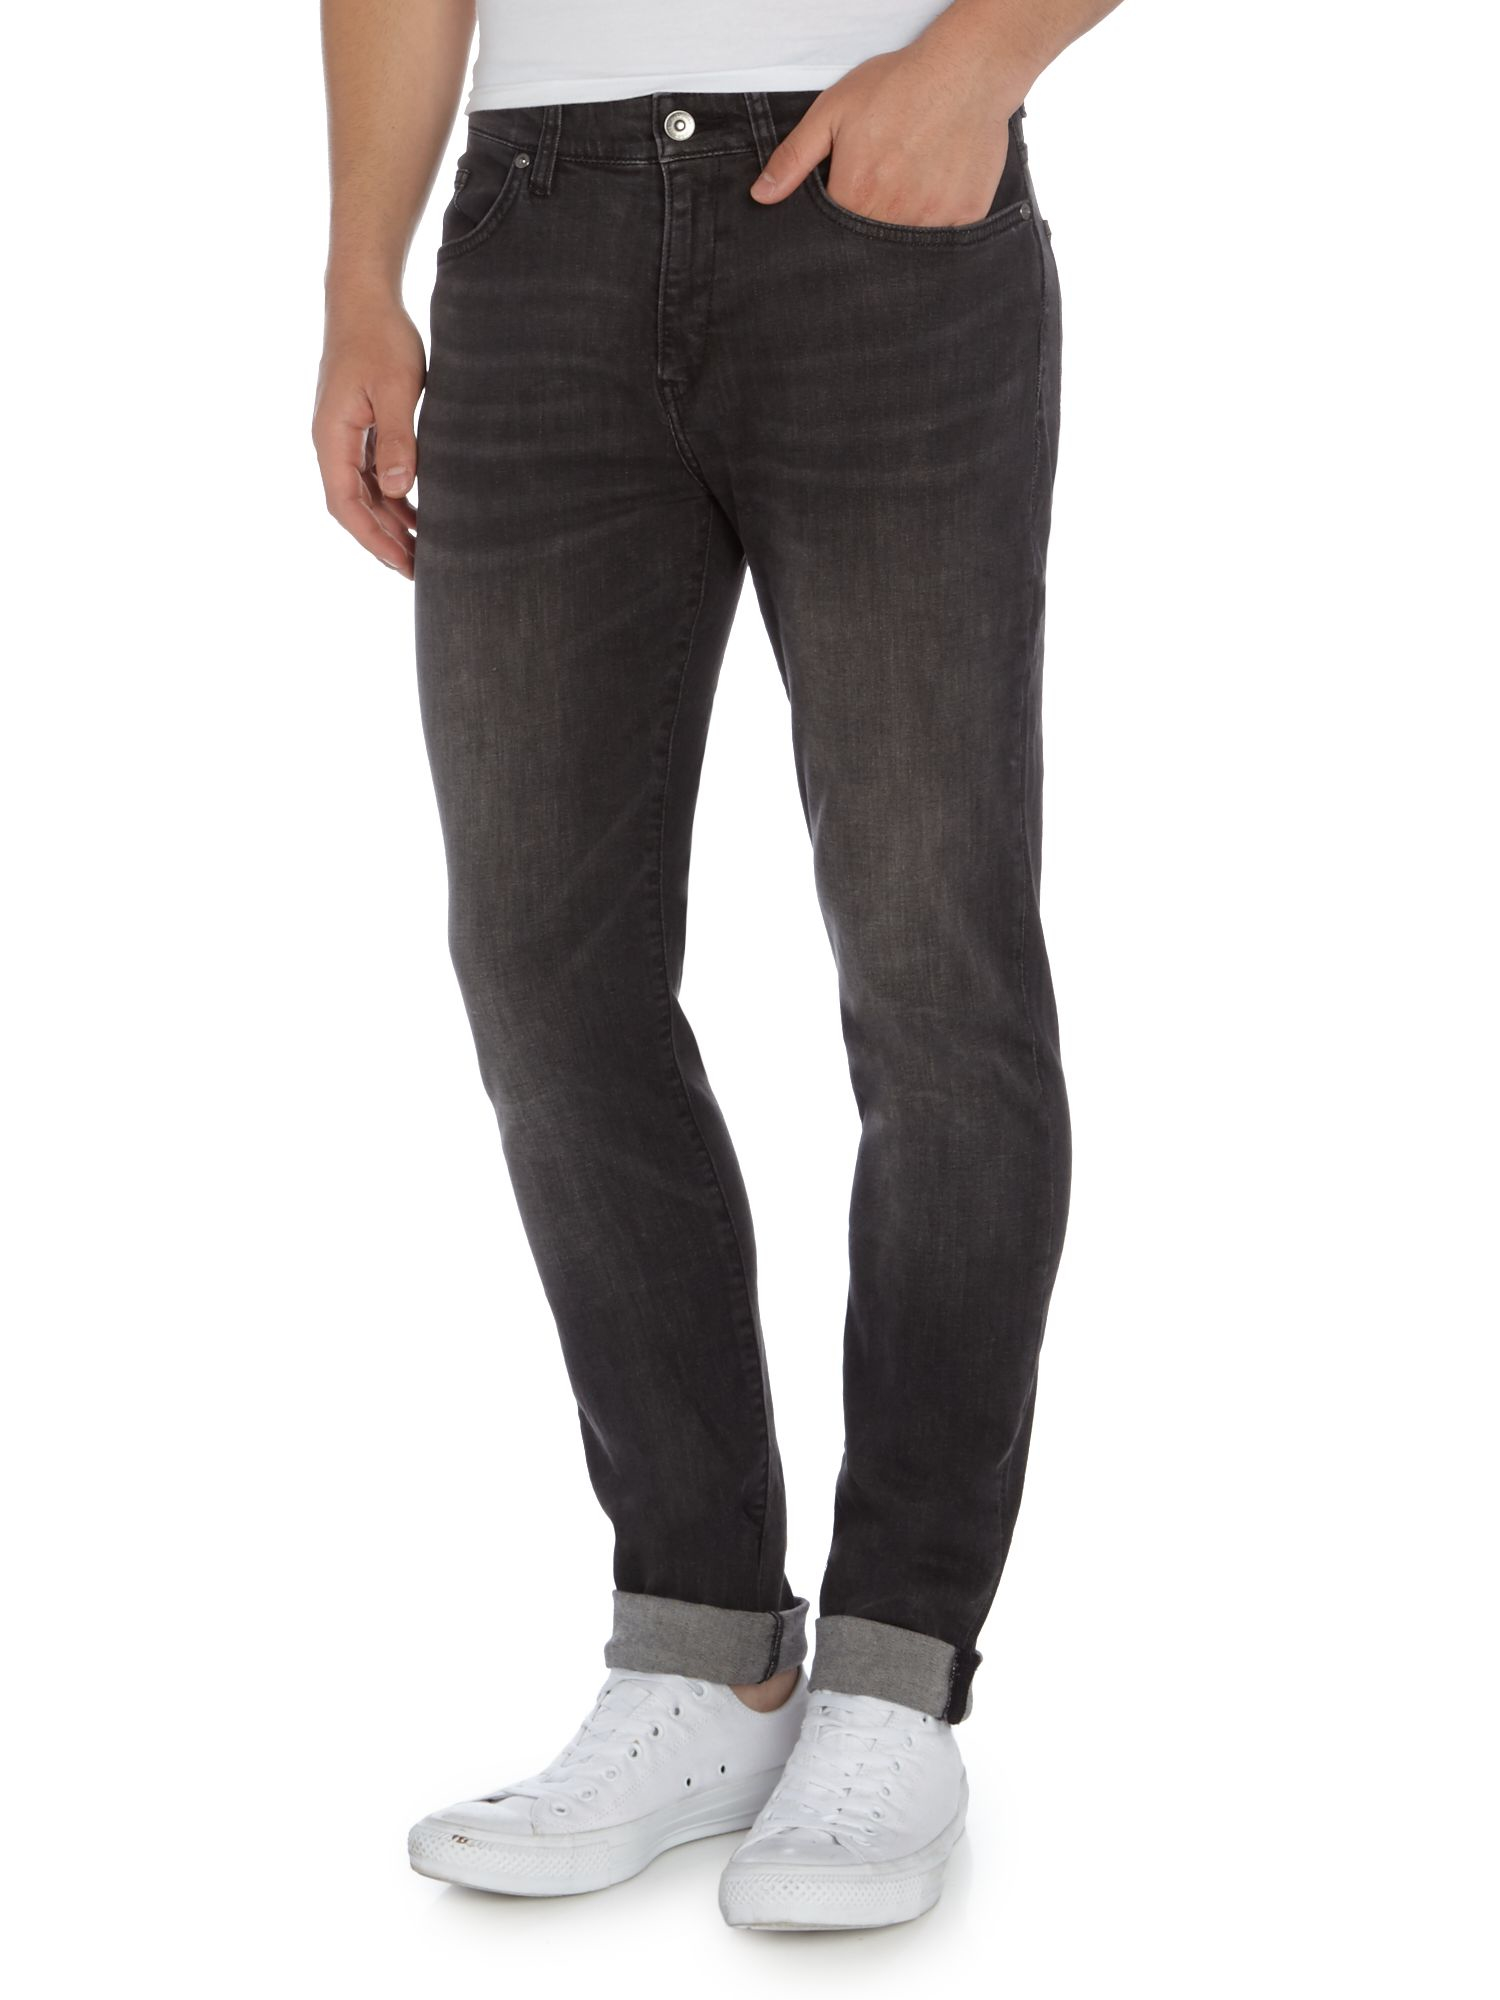 boss delaware 3 1 slim fit grey jeans in grey for men. Black Bedroom Furniture Sets. Home Design Ideas